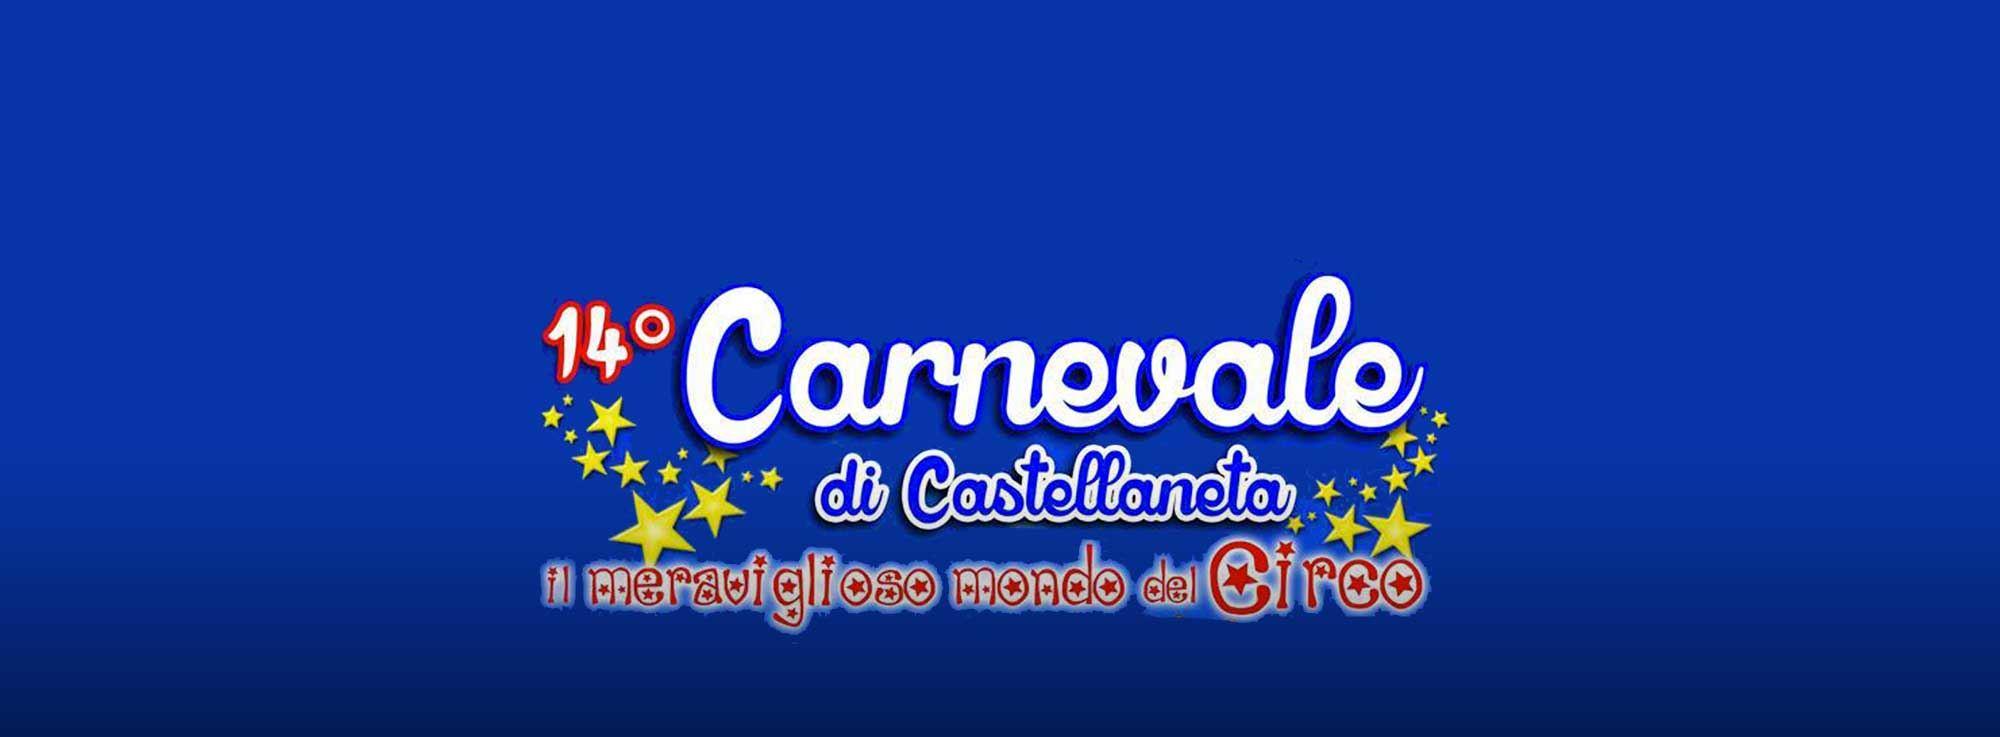 Castellaneta: Carnevale di Castellaneta